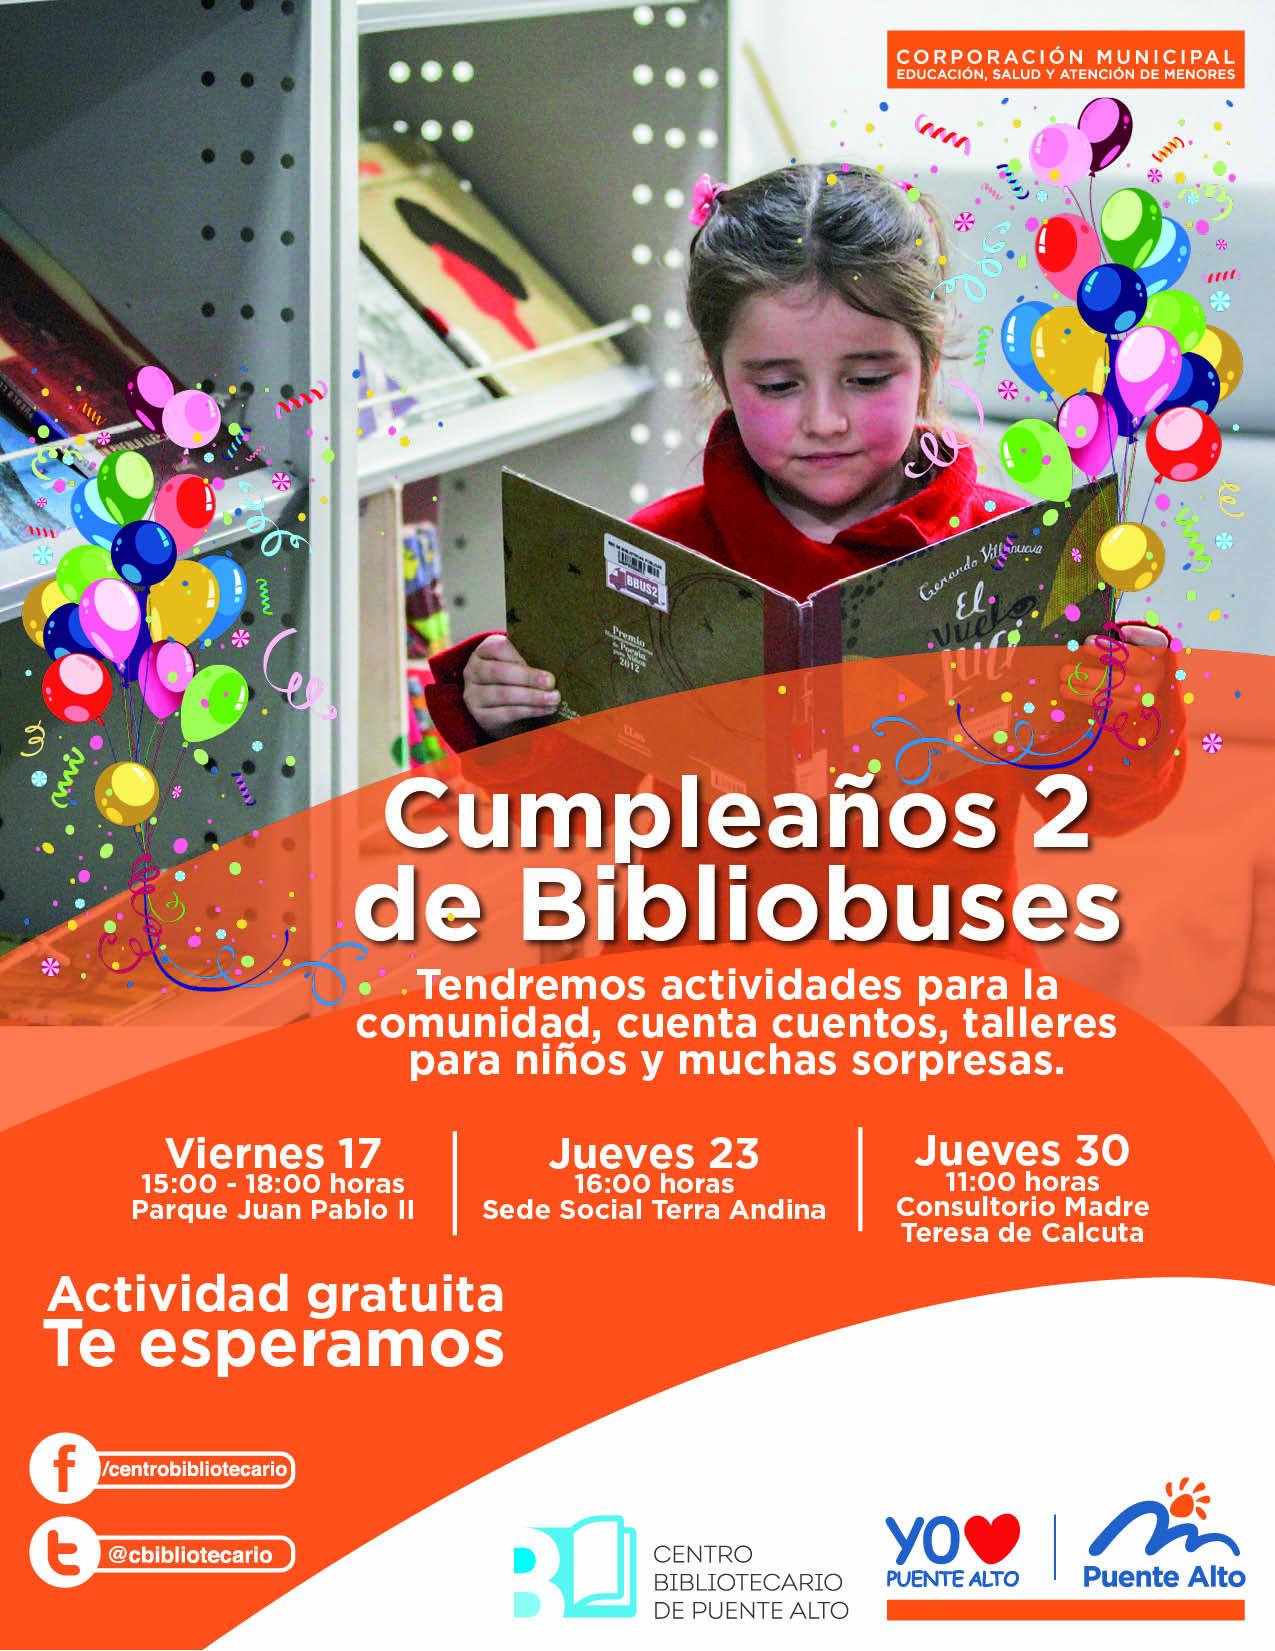 Cumpleaños de Bibliobuses